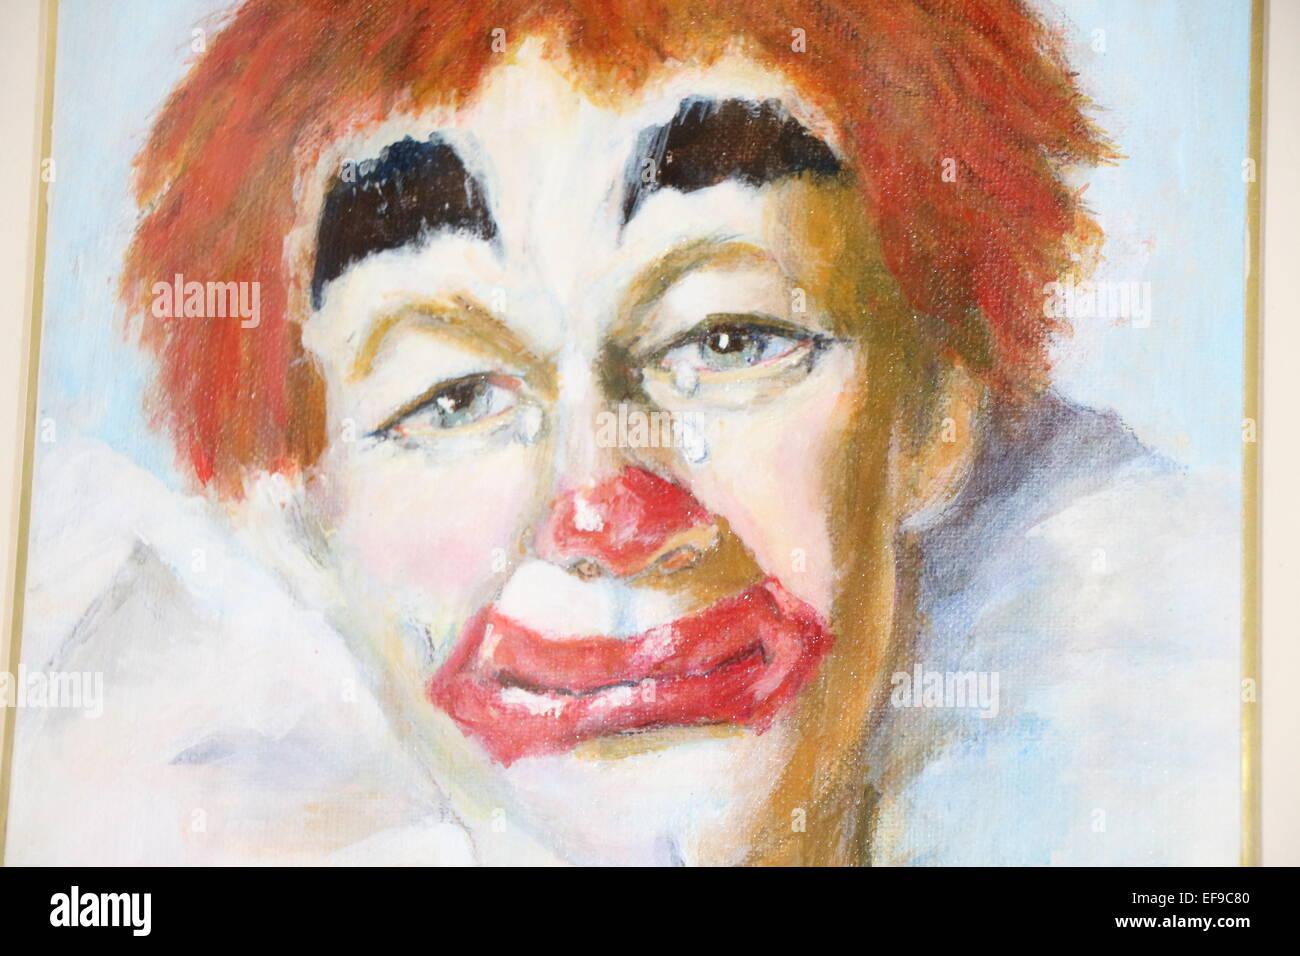 Cara De Payaso Scary Clown Llorando Payasociudad Payaso Justo